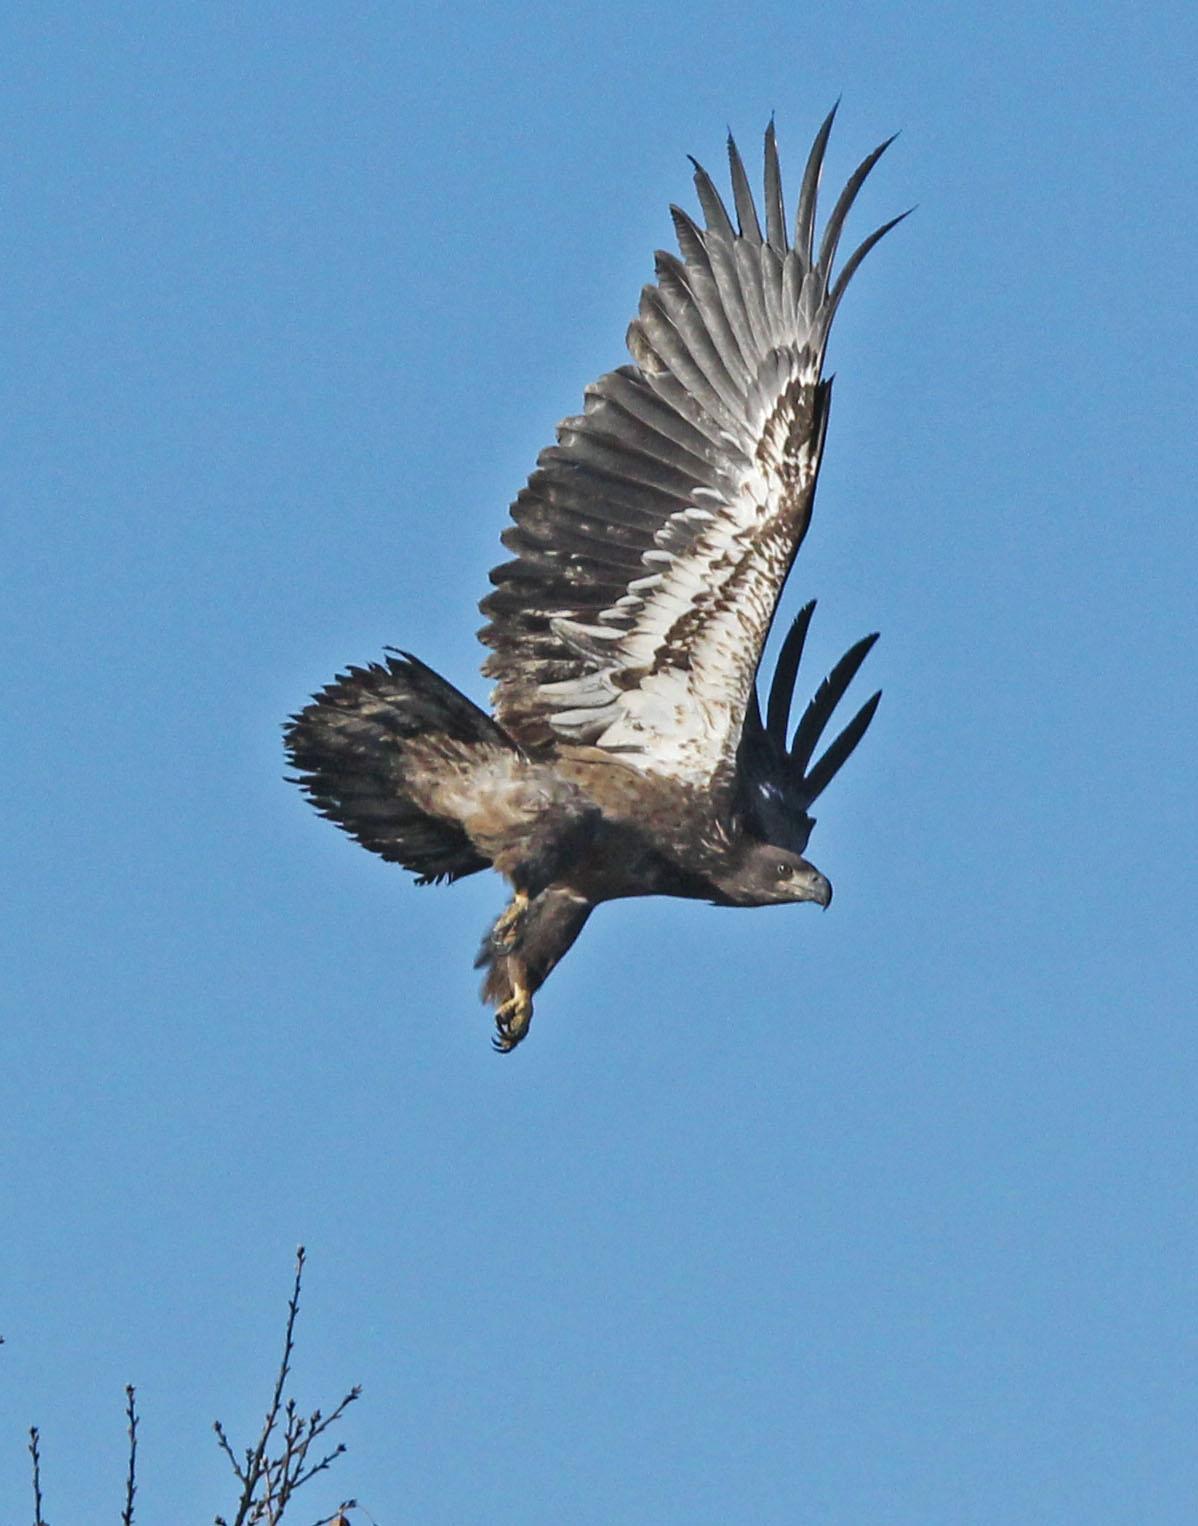 Juvenile eagle 1